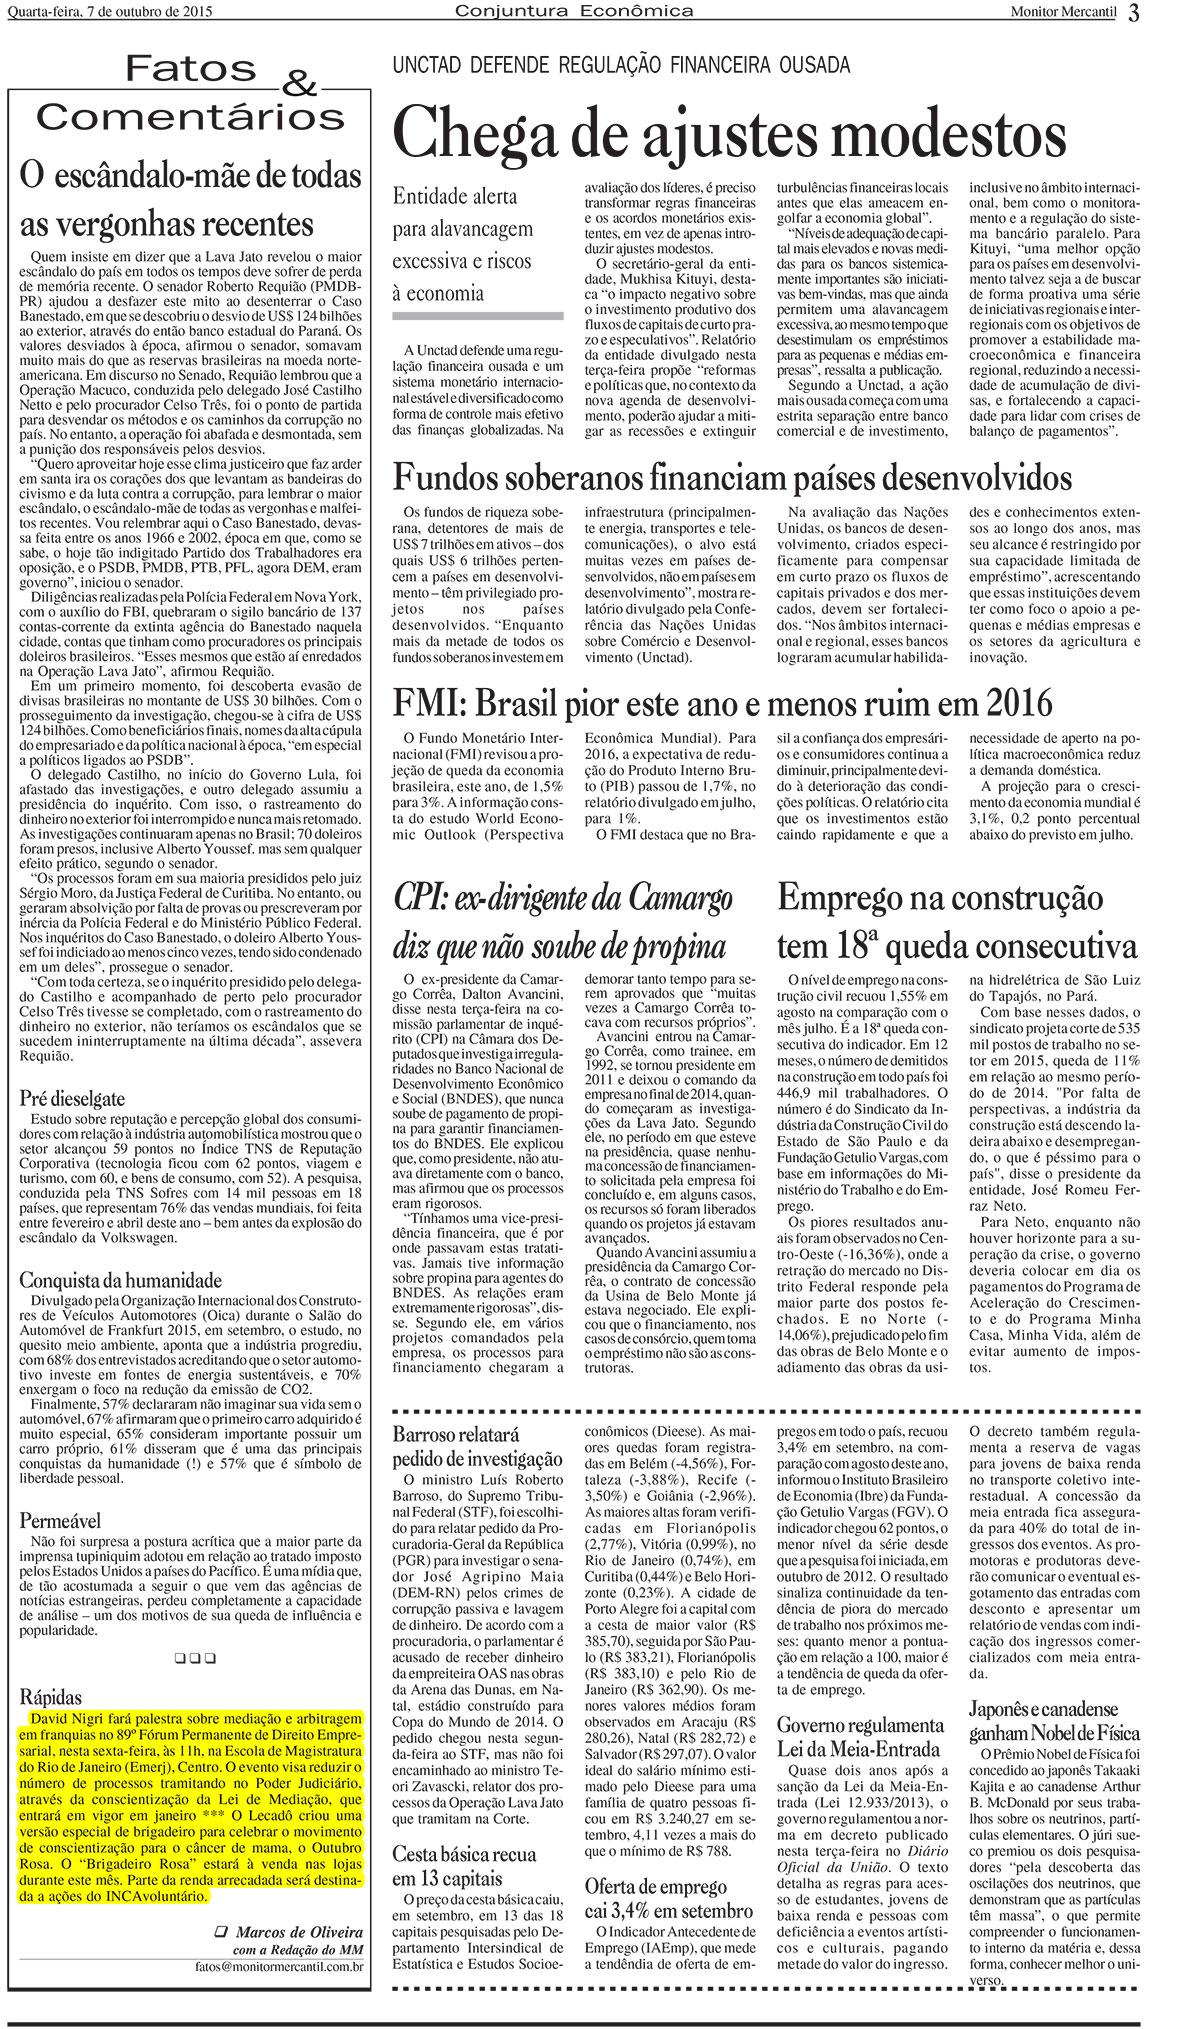 pagina-mercantil